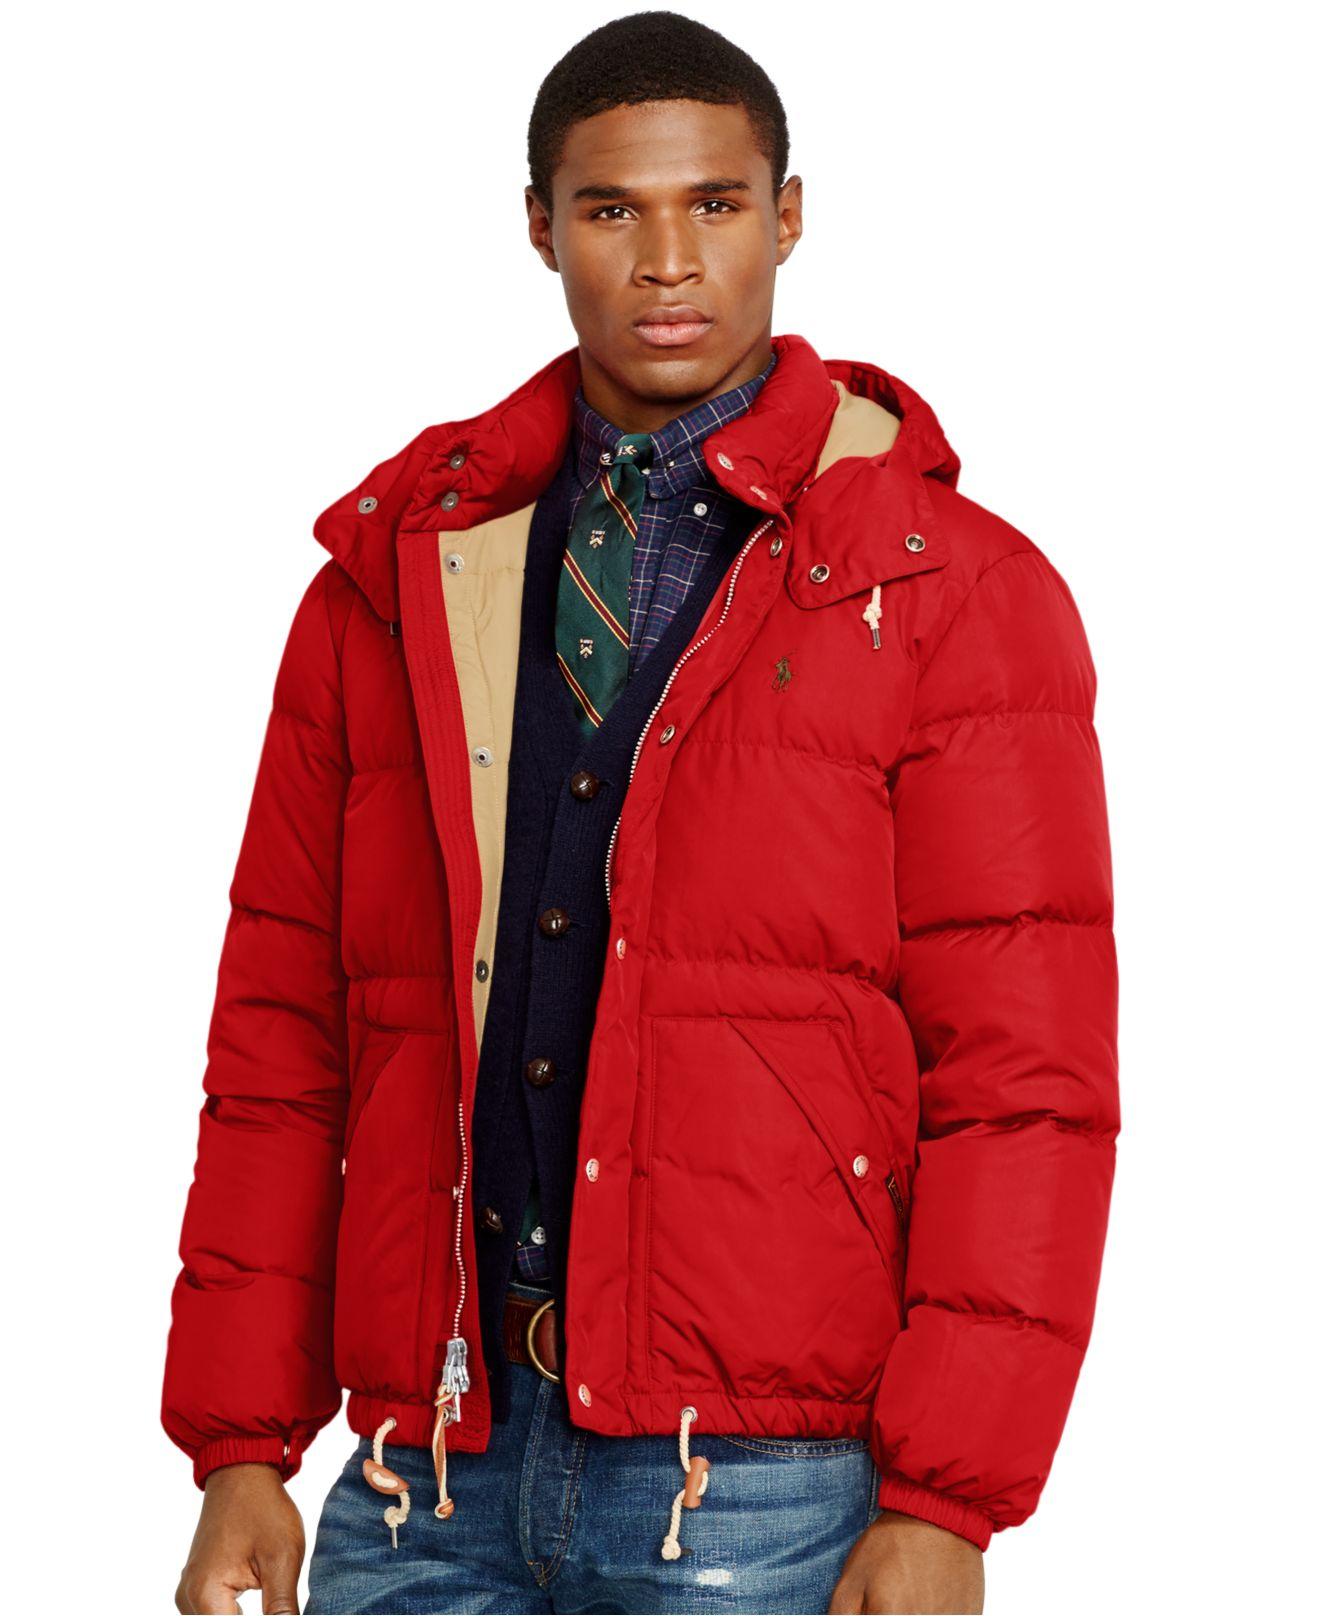 ce1997224139 outlet boutique 64244 57725 moncler burgundy dubres gilet red ...